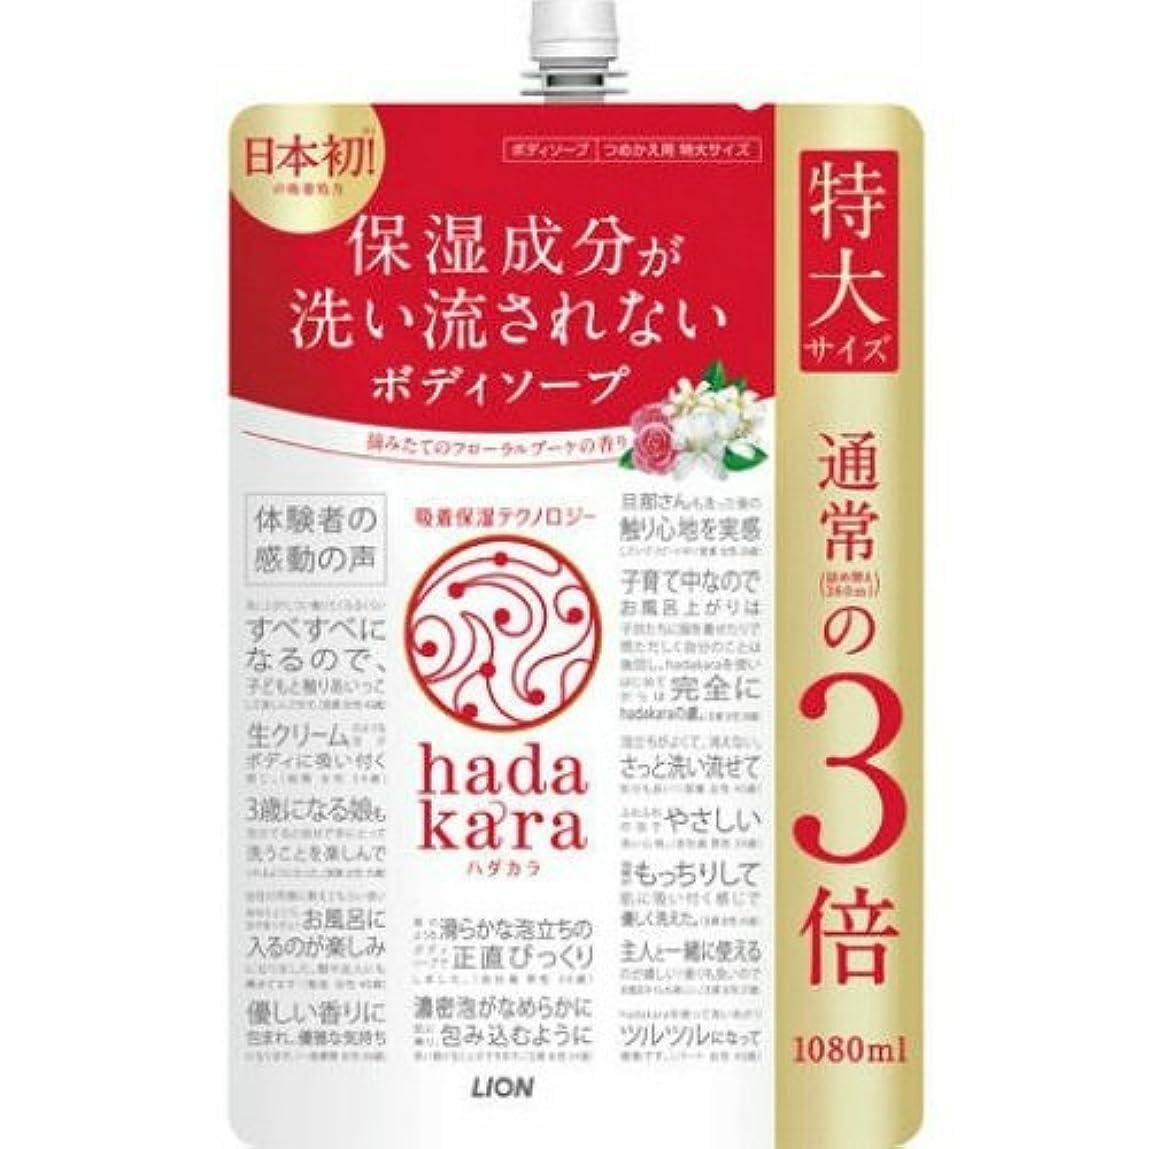 肺炎エレベーター蒸LION ライオン hadakara ハダカラ ボディソープ フローラルブーケの香り つめかえ用 特大サイズ 1080ml ×3点セット(4903301260875)